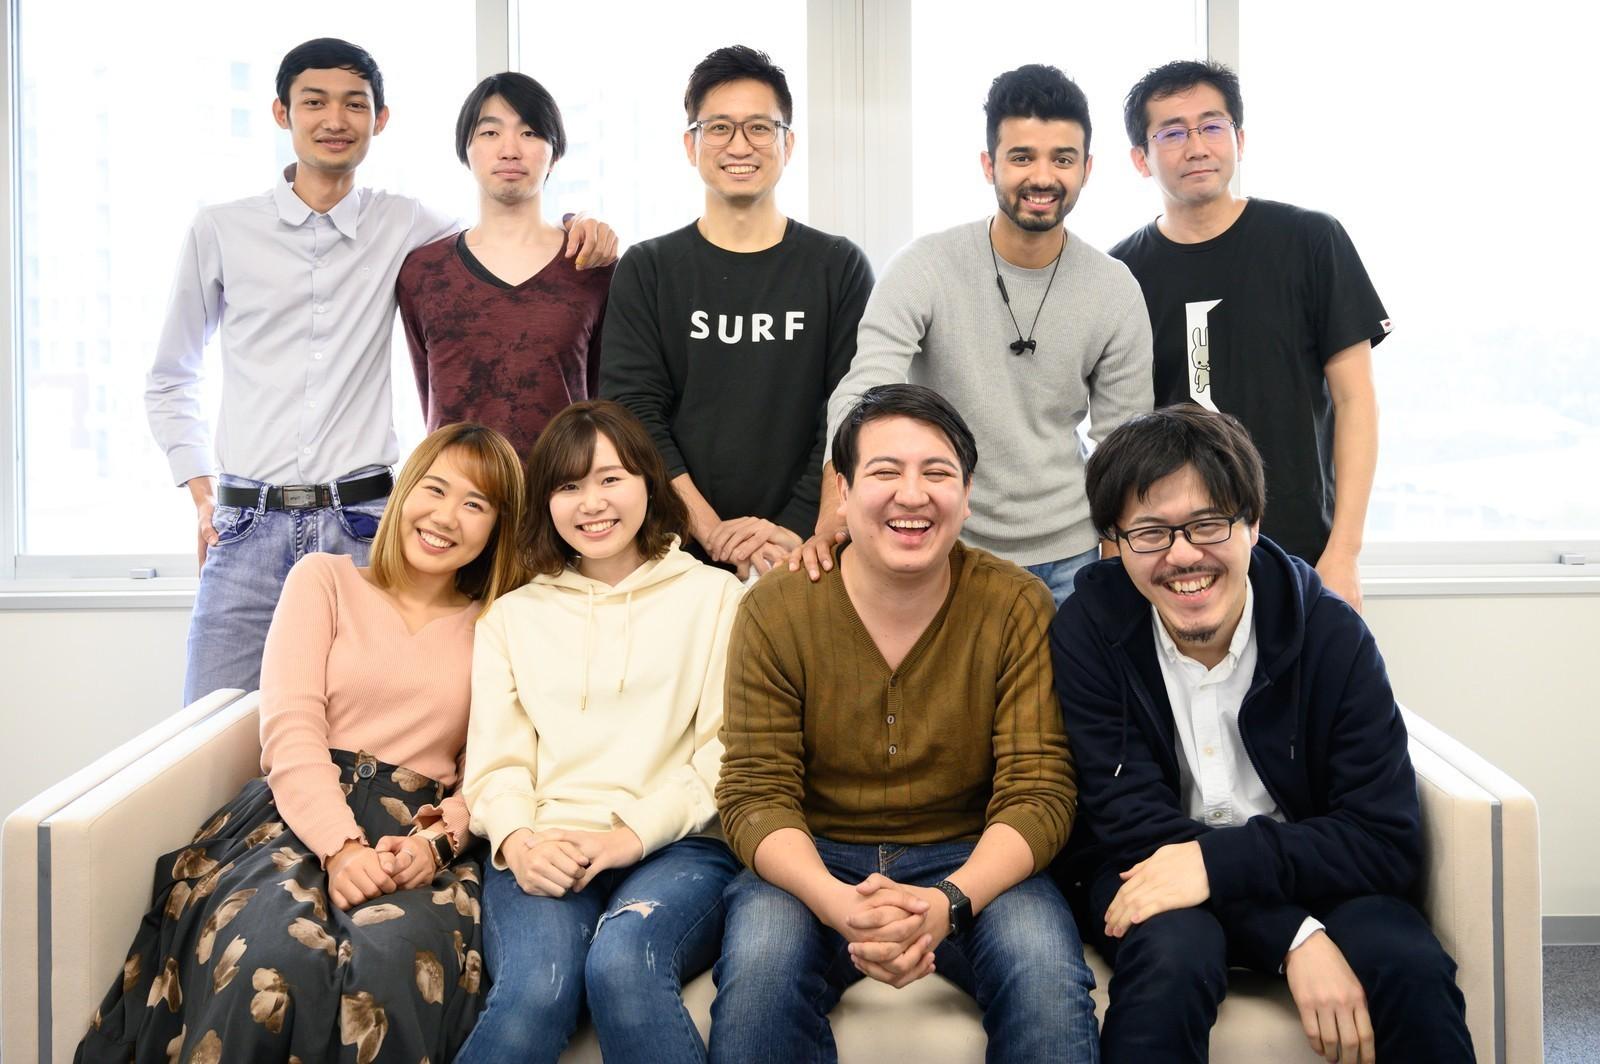 世界75億人がターゲット!【コミュニケーション決済アプリ】開発を支えるインフラエンジニアを募集!